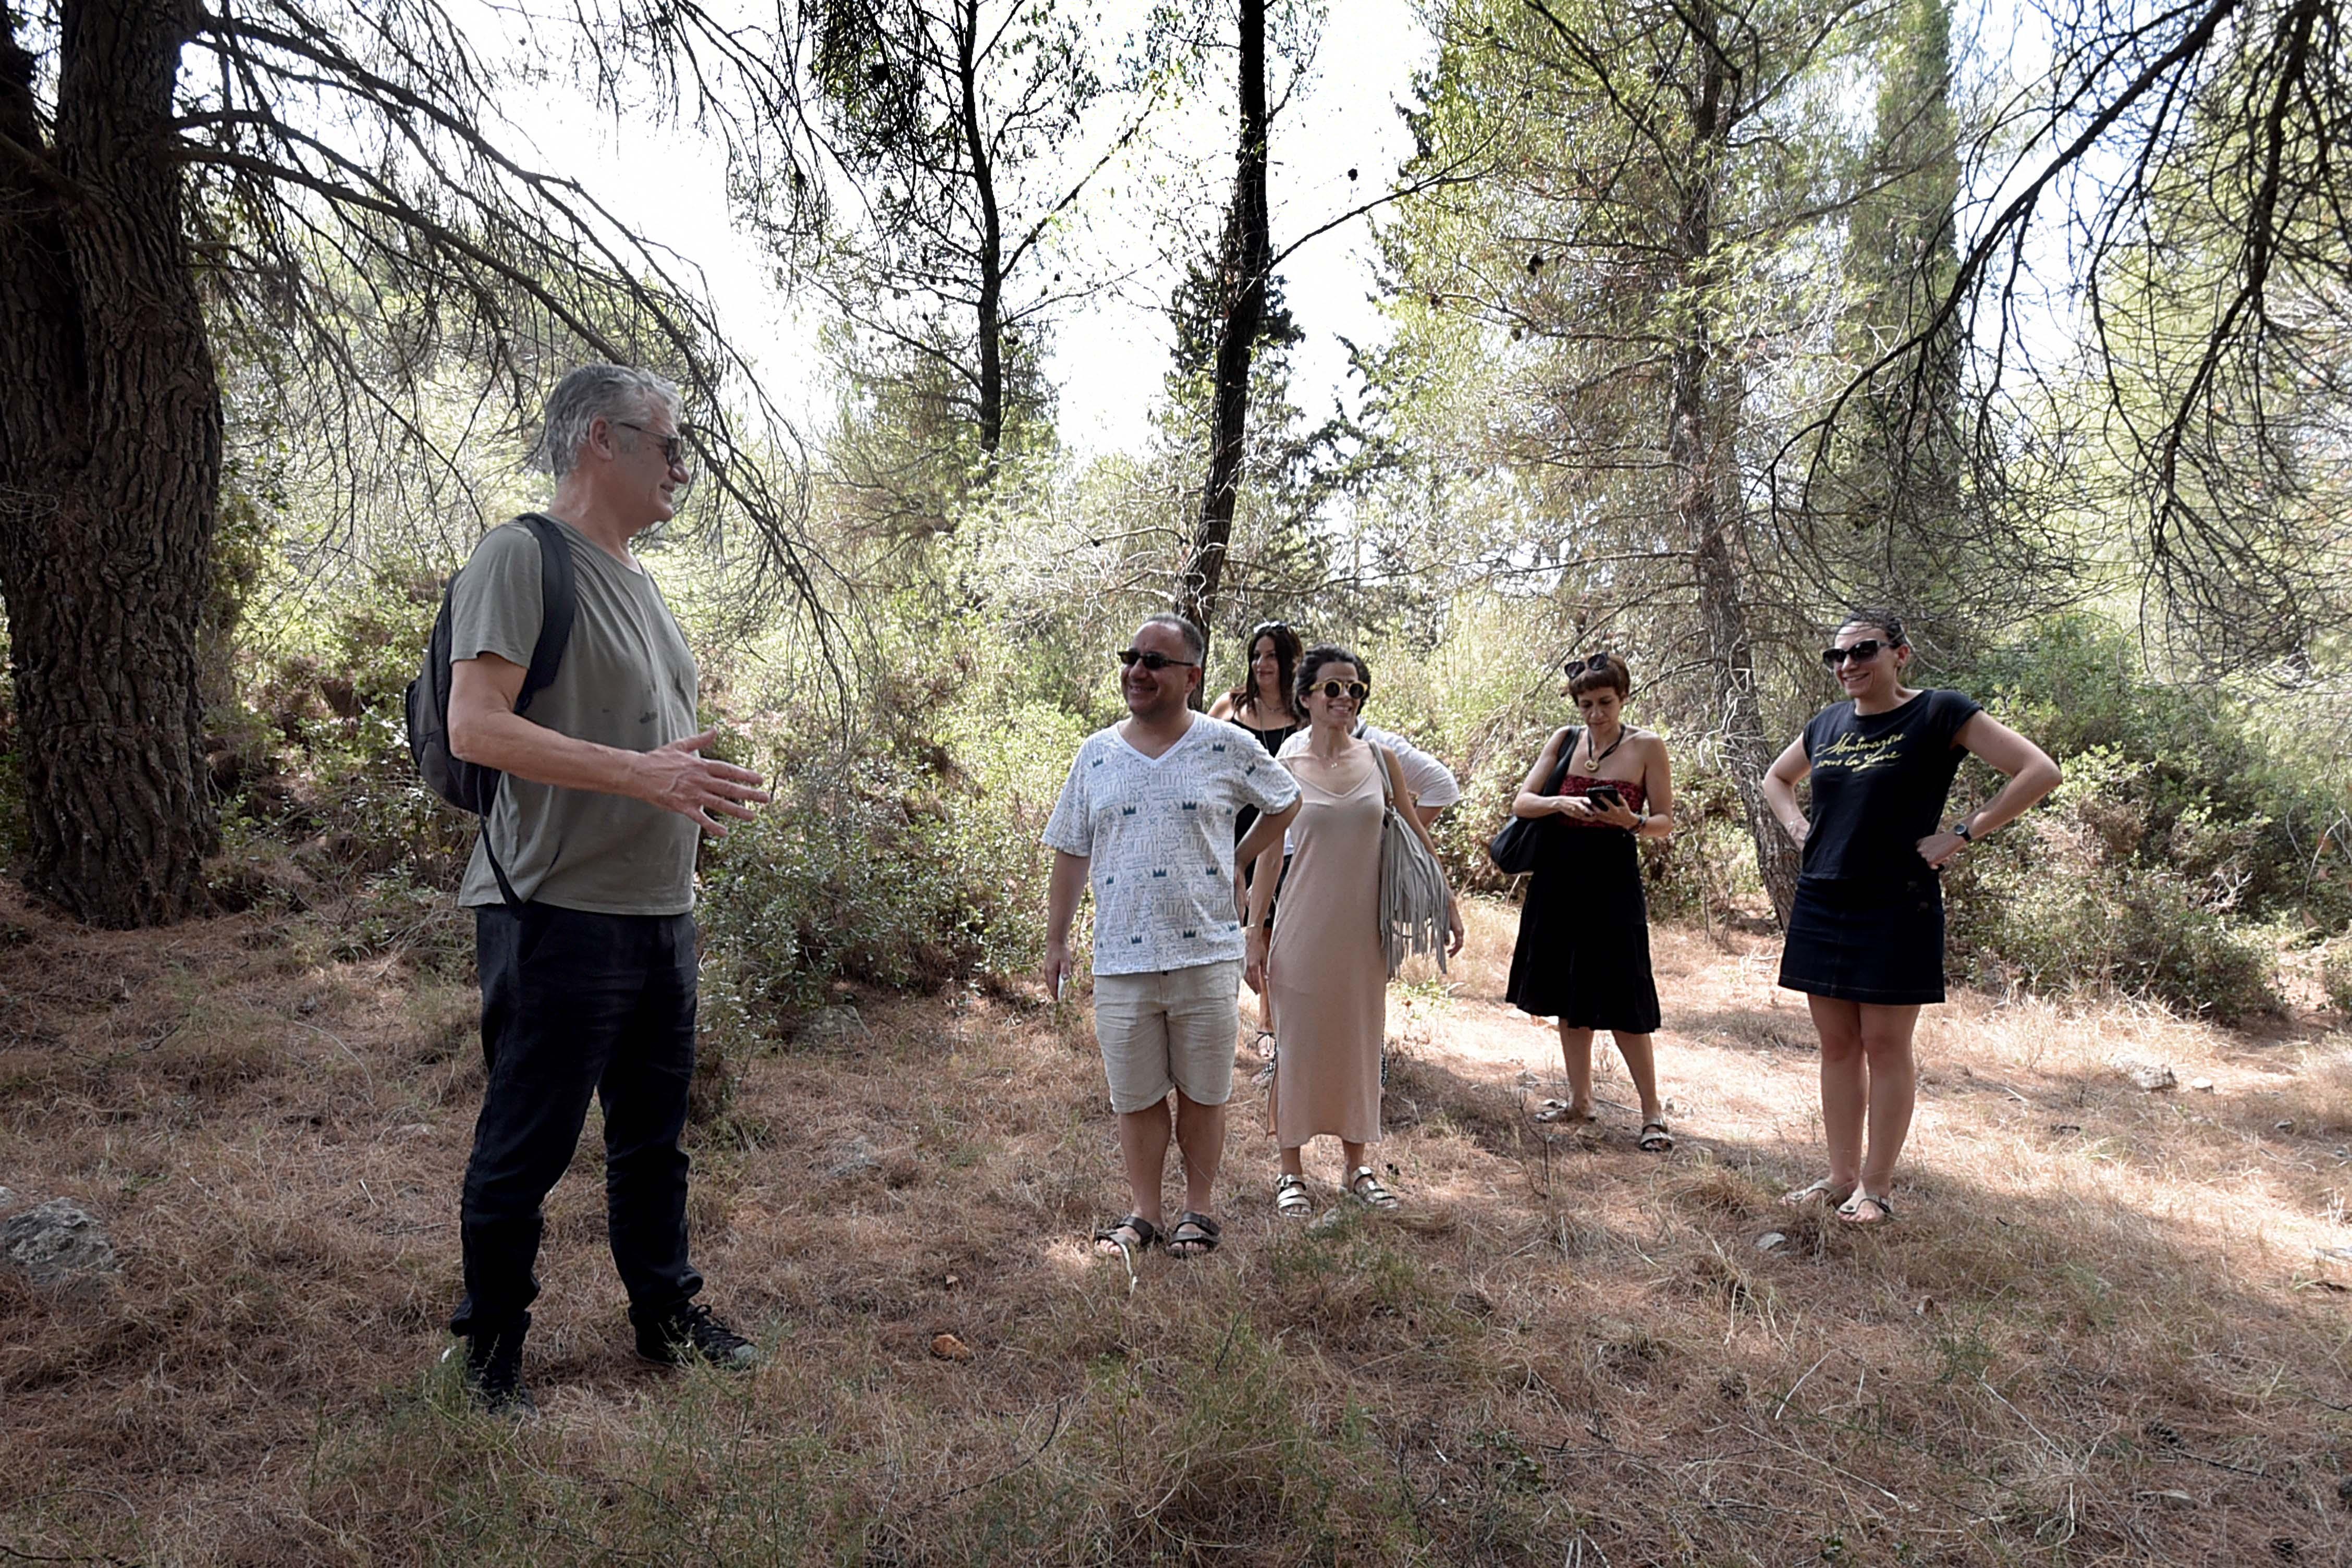 Μια δασική έκταση 25 στρεμμάτων θα φιλοξενήσει το Λύκειο Επιδαύρου